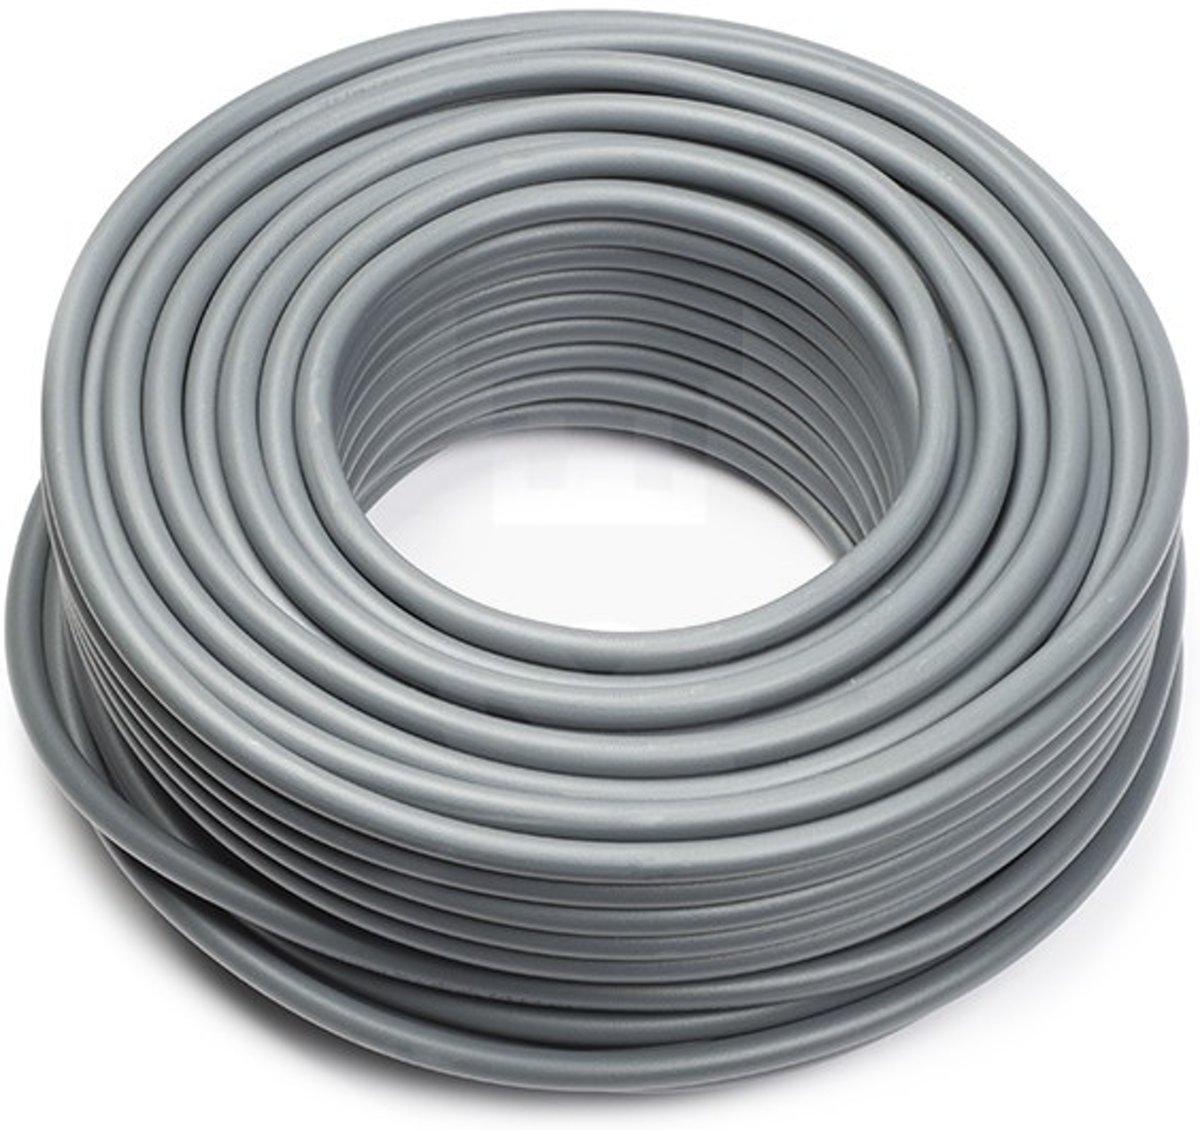 nexans installatie kabel 3 aderig 5413404130252. Black Bedroom Furniture Sets. Home Design Ideas